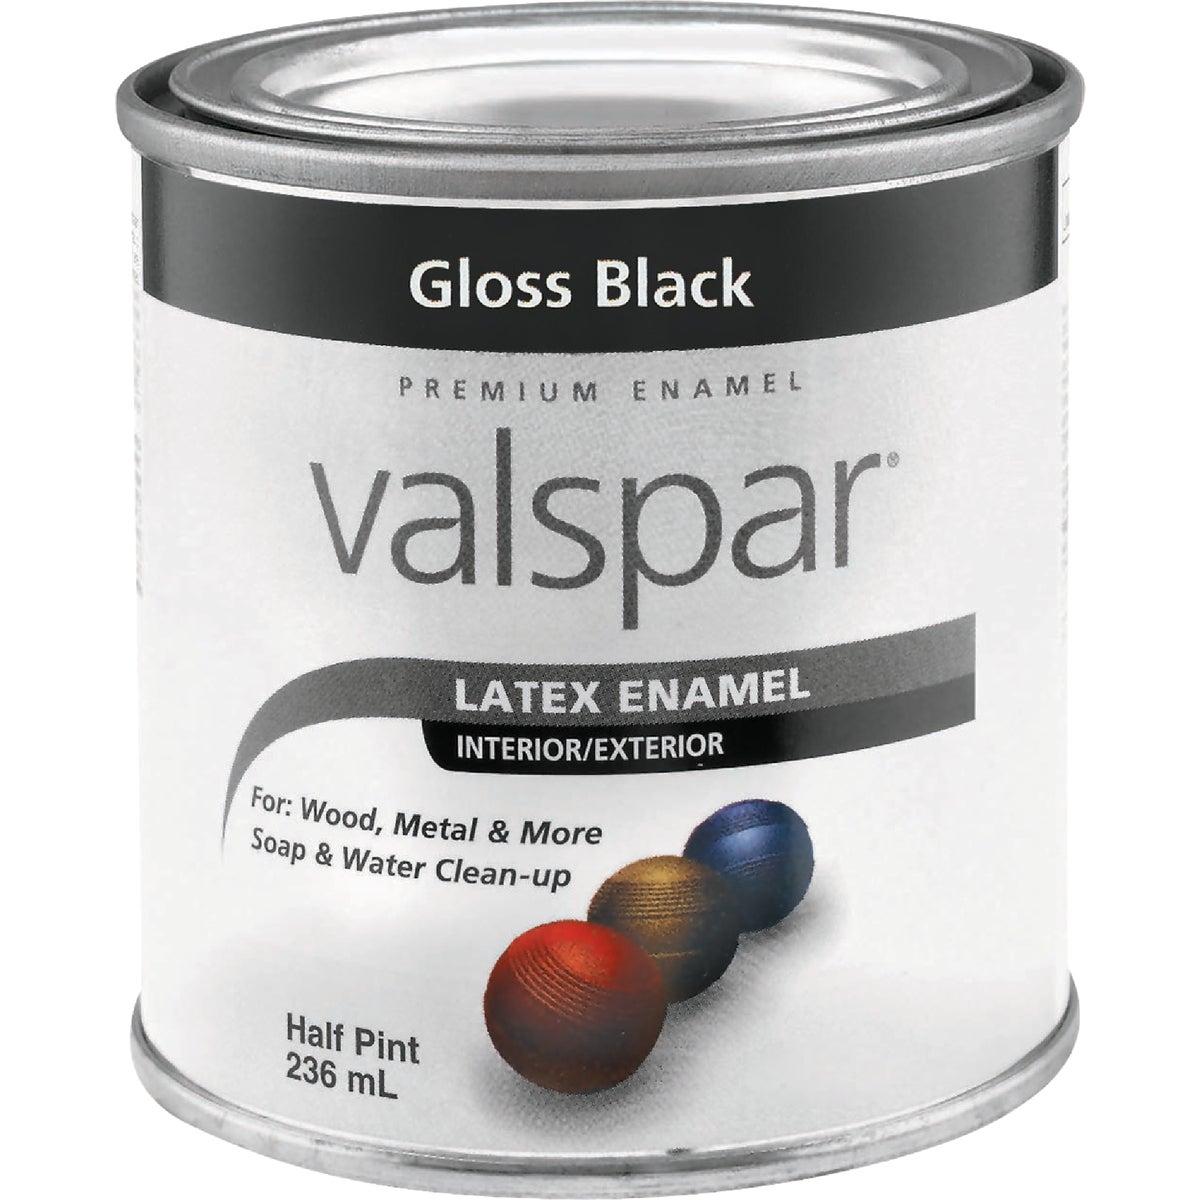 LTX GLOSS BLACK ENAMEL - 410.0065048.003 by Valspar Corp